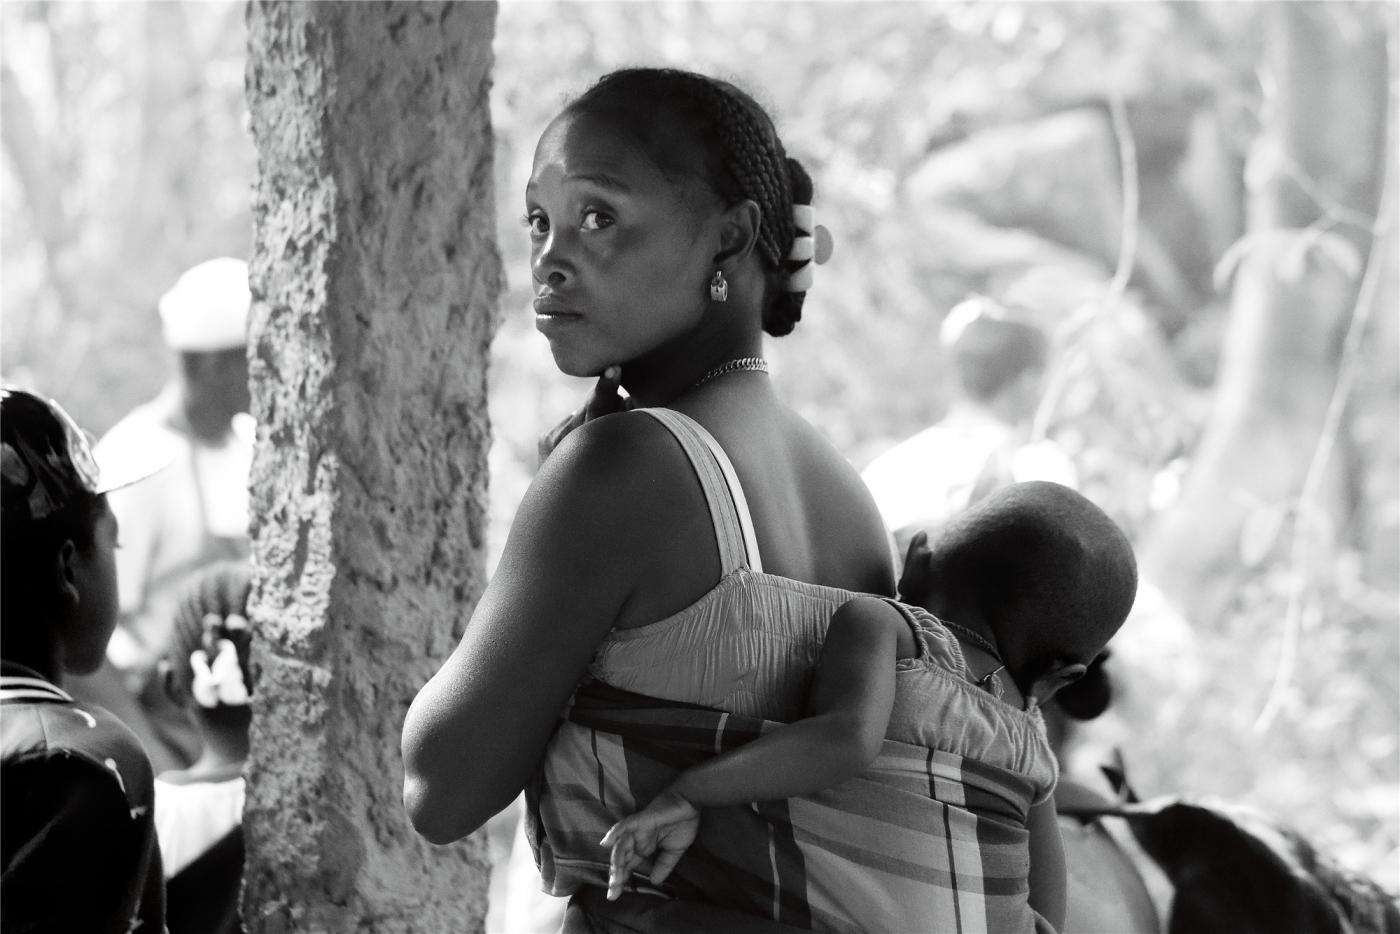 【原创实拍】黑色脸谱  ——行摄南部非洲(人像篇)_图1-18